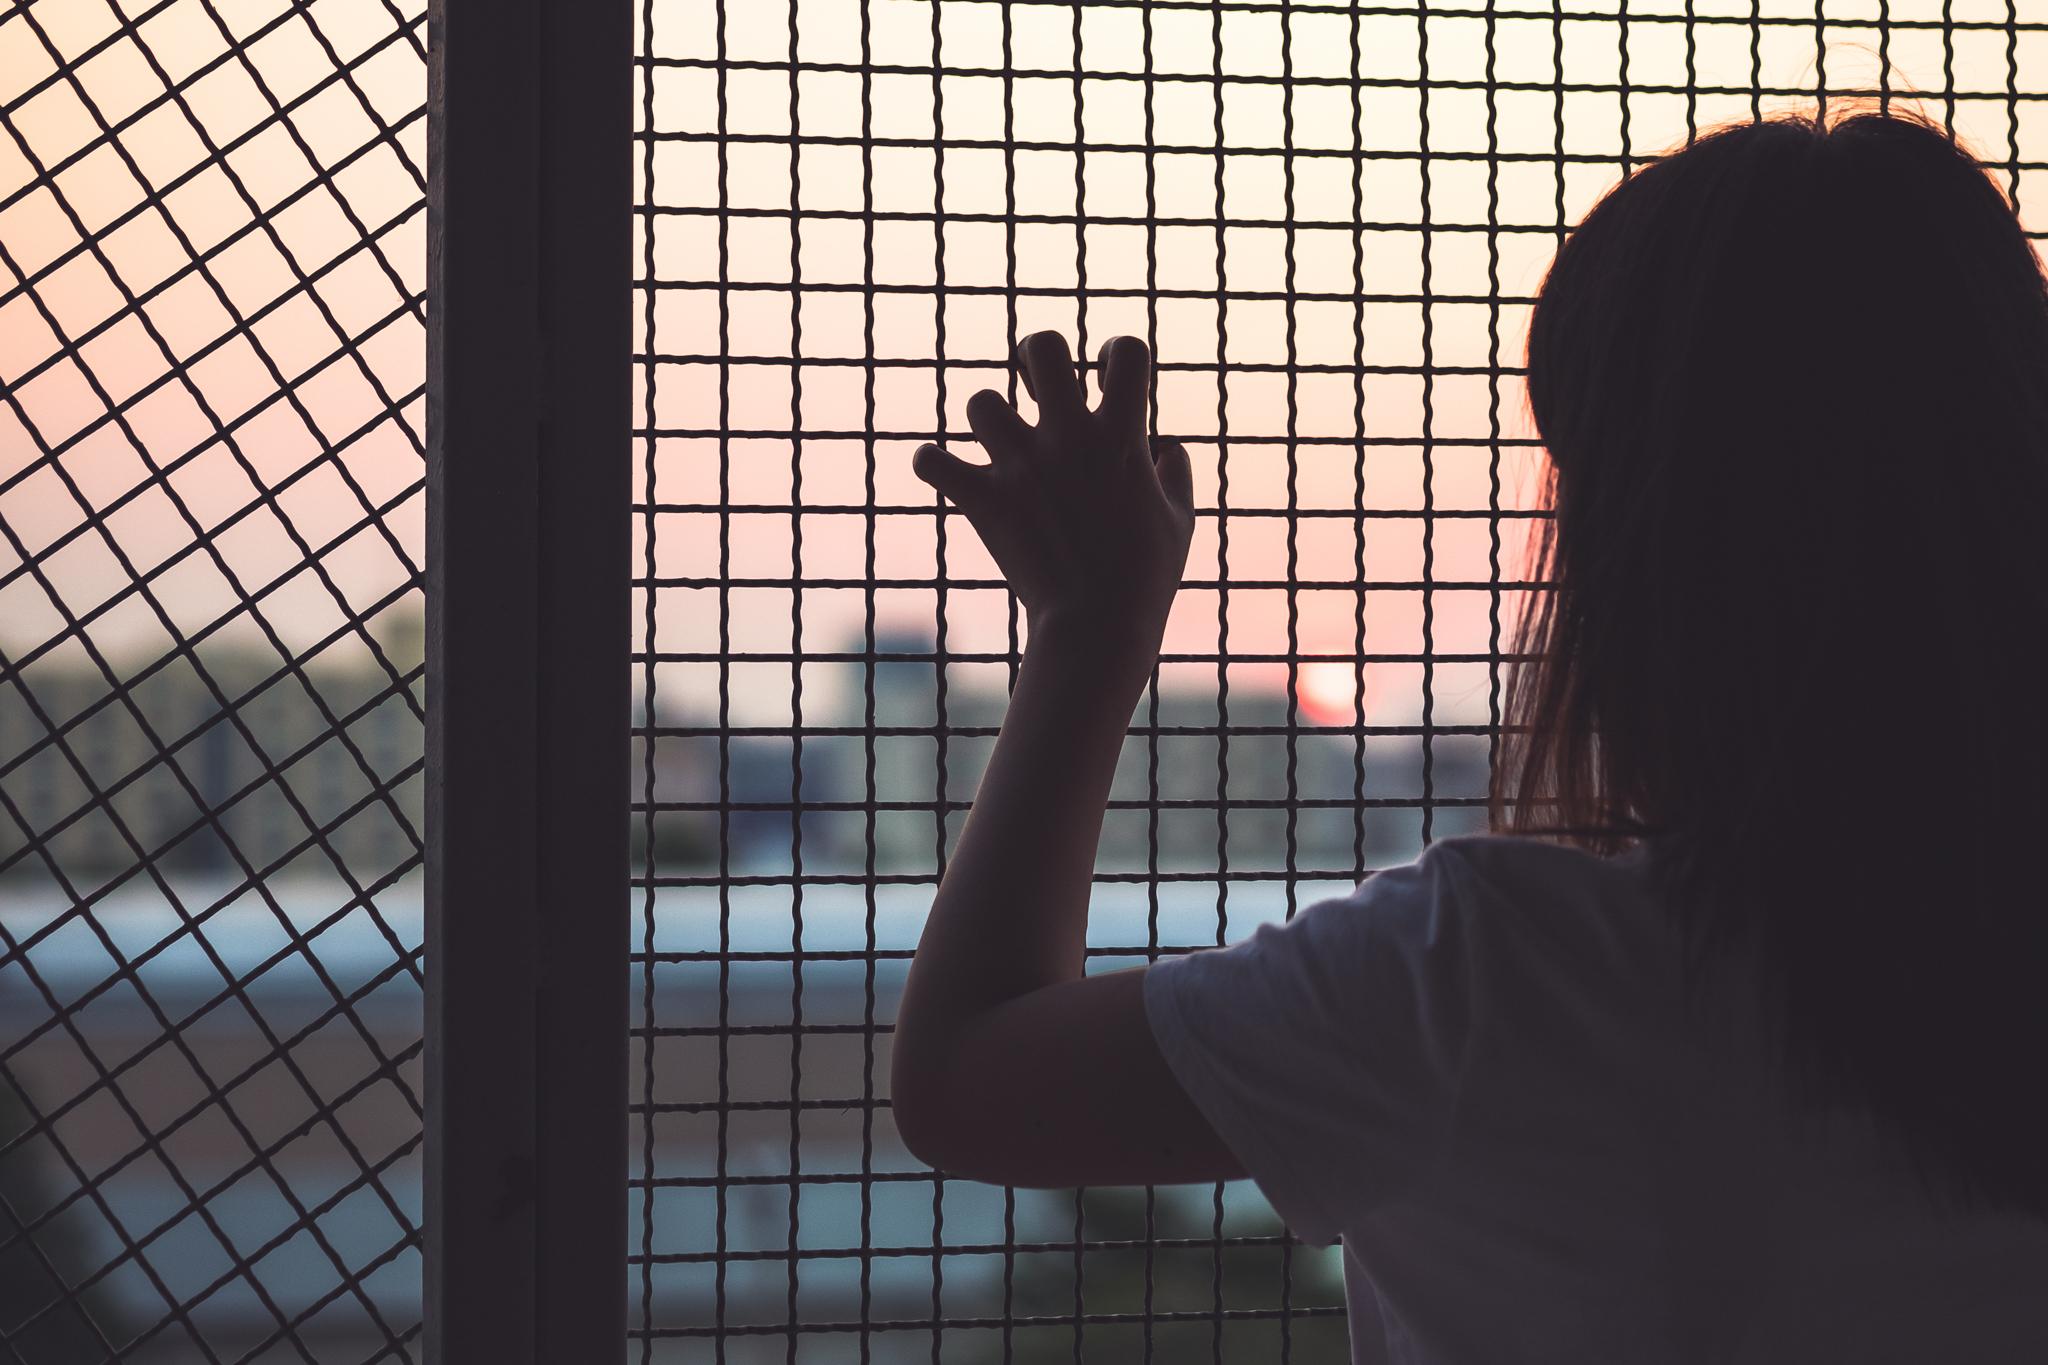 Joven mujer vista de espaldas con una mano en una cerca (© structuresxx/Shutterstock)